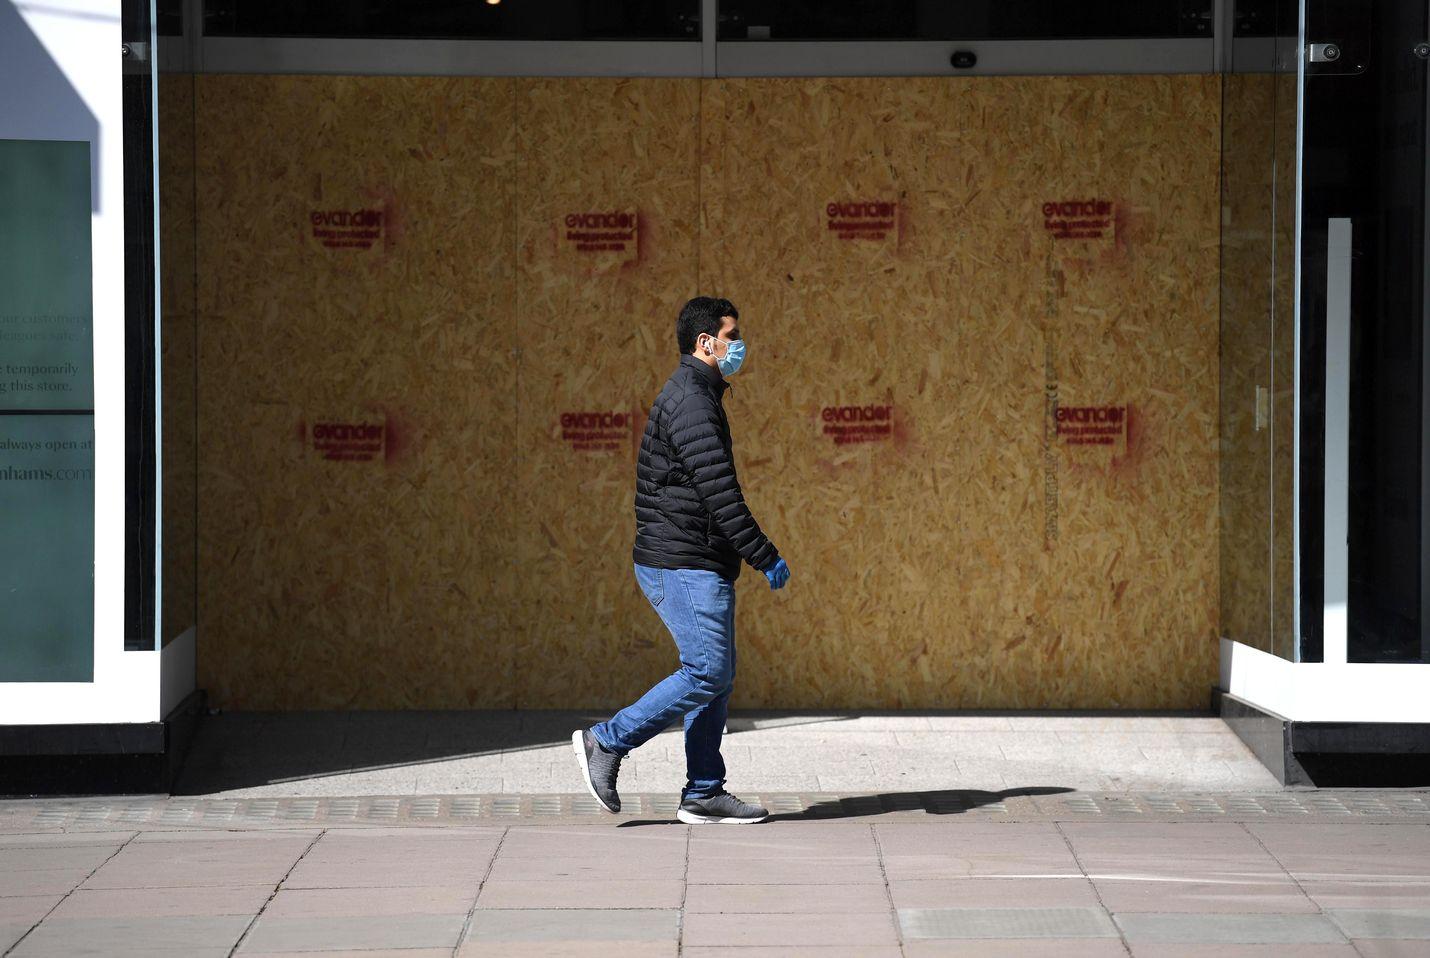 Kasvosuojaan pukeutunut mies ohittaa suljetun liikkeen tunnetulla kauppakadulla Oxford Streetillä Lontoossa. Britanniassa koronaviruskuolemien määrä voi olla tuhansia arvioitua korkeampi.